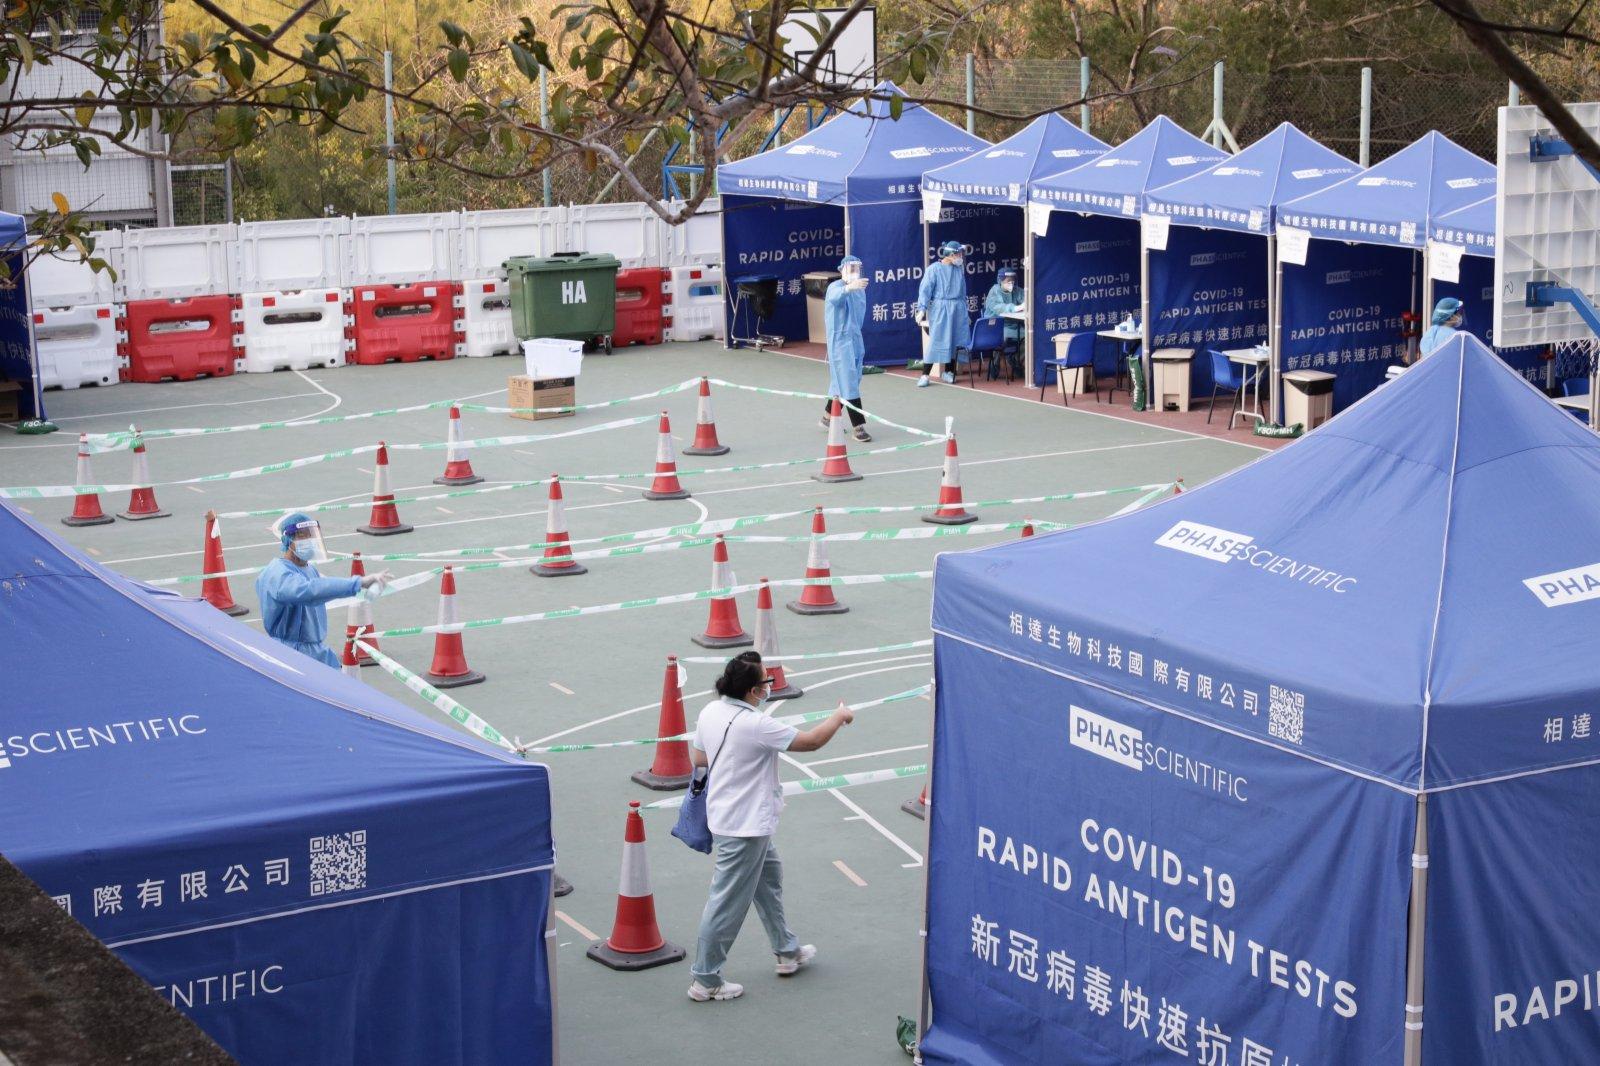 該採樣站1月5日下午2時至晚上8時,以及1月6日至8日上午10時至晚上8時,提供新冠病毒檢測服務。(香港中通社)